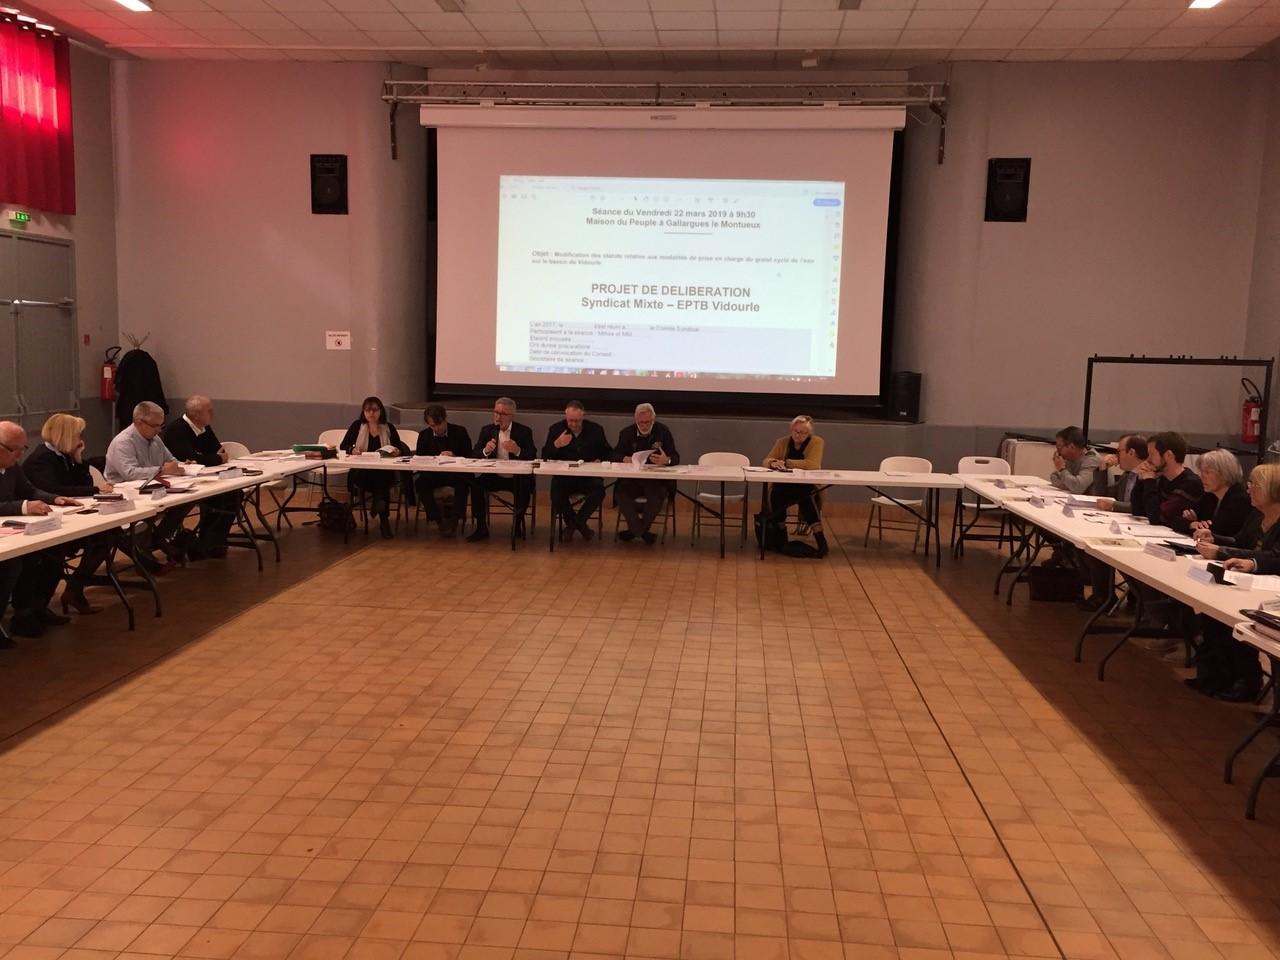 Condensé des délibérations prises lors du Comité Syndical du 22 mars 2019 à Gallargues le Montueux